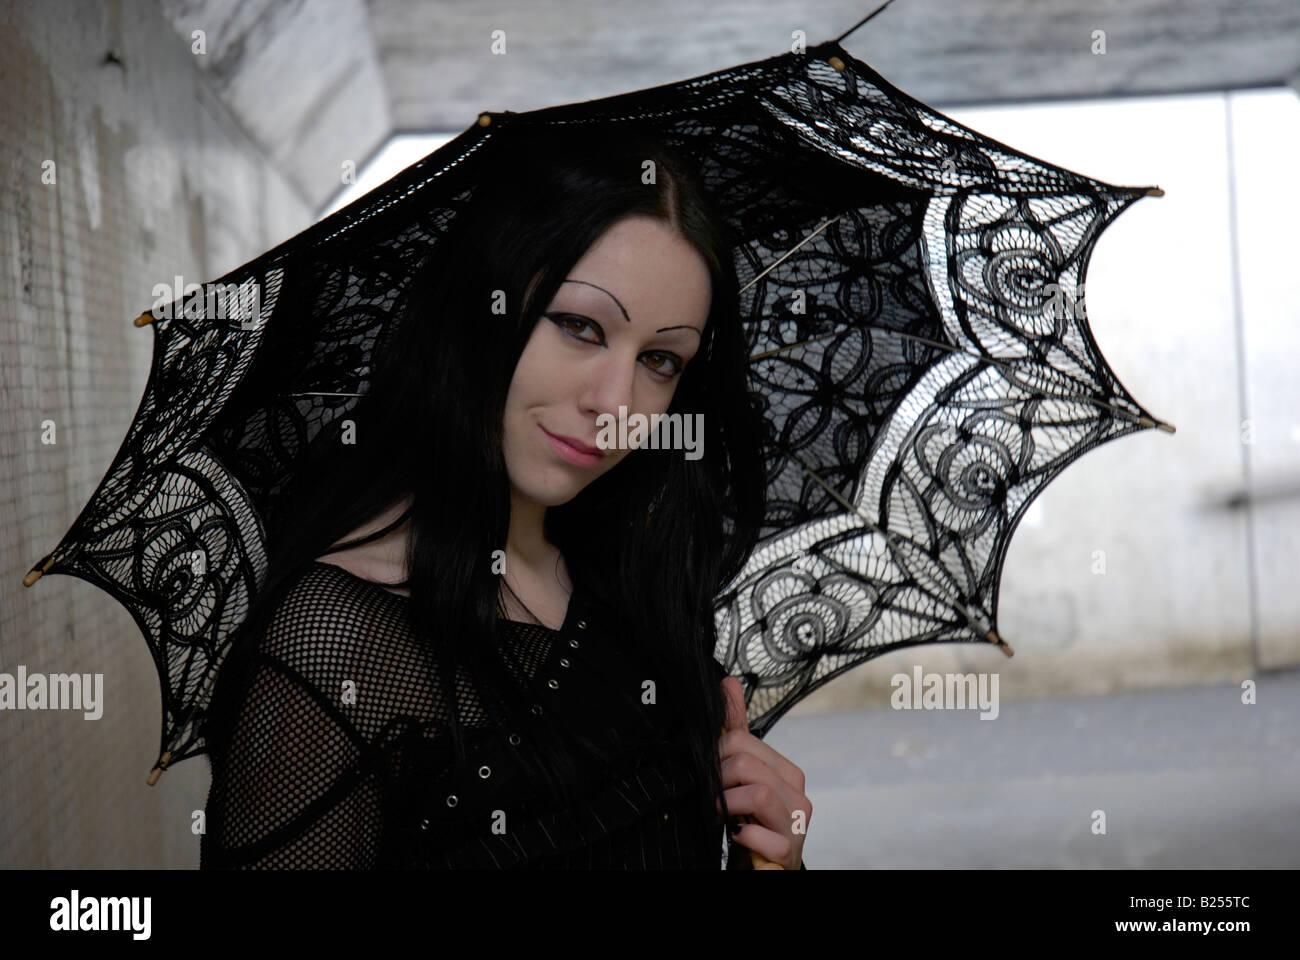 Ritratto di una giovane donna goth in un sottopasso urbano Immagini Stock